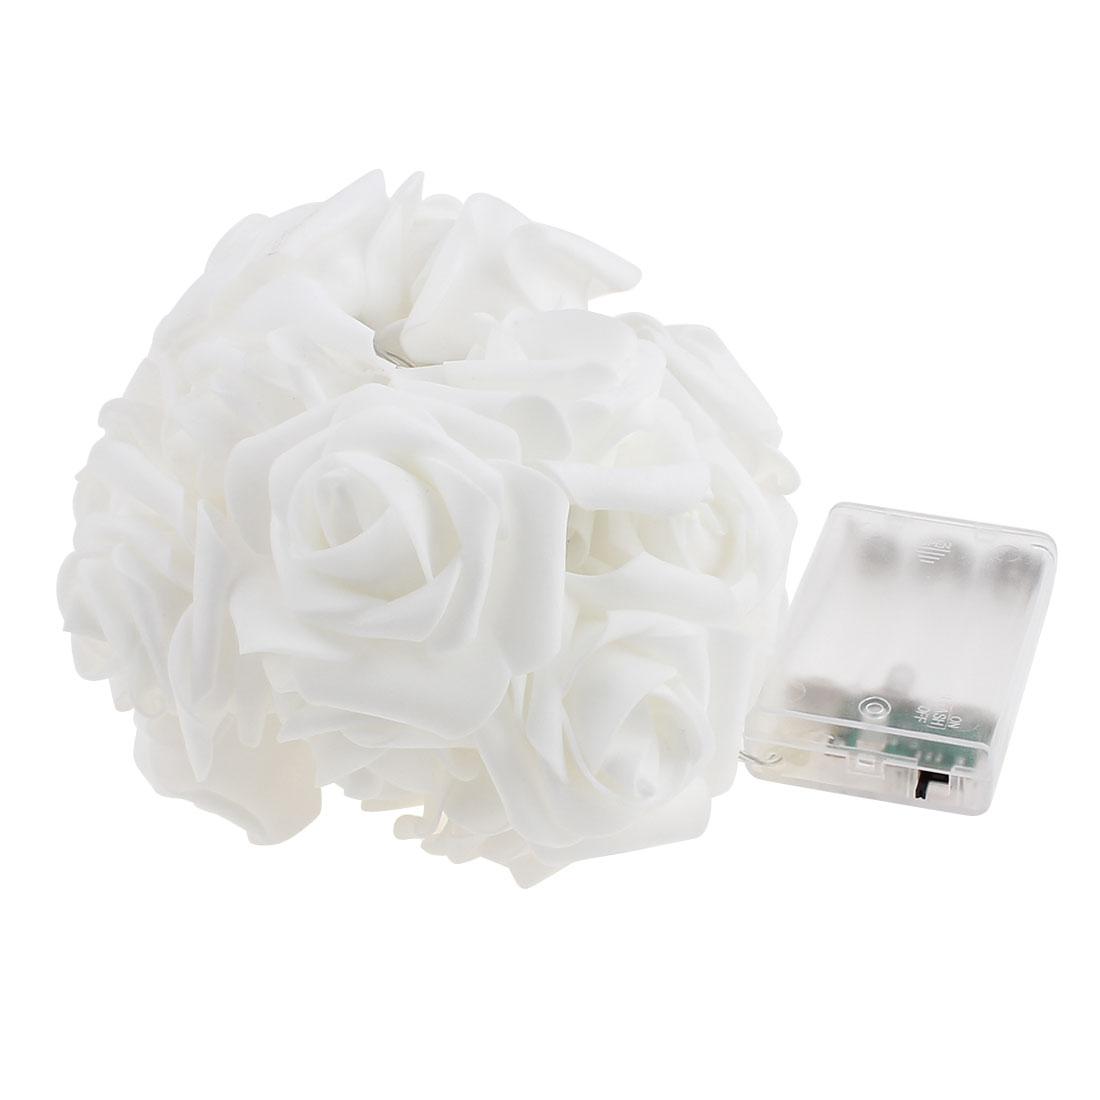 AC 4.5V 20 LED String Light Battery Supply Rose Flower Blue Lamp Bedroom Wedding Decor 2M